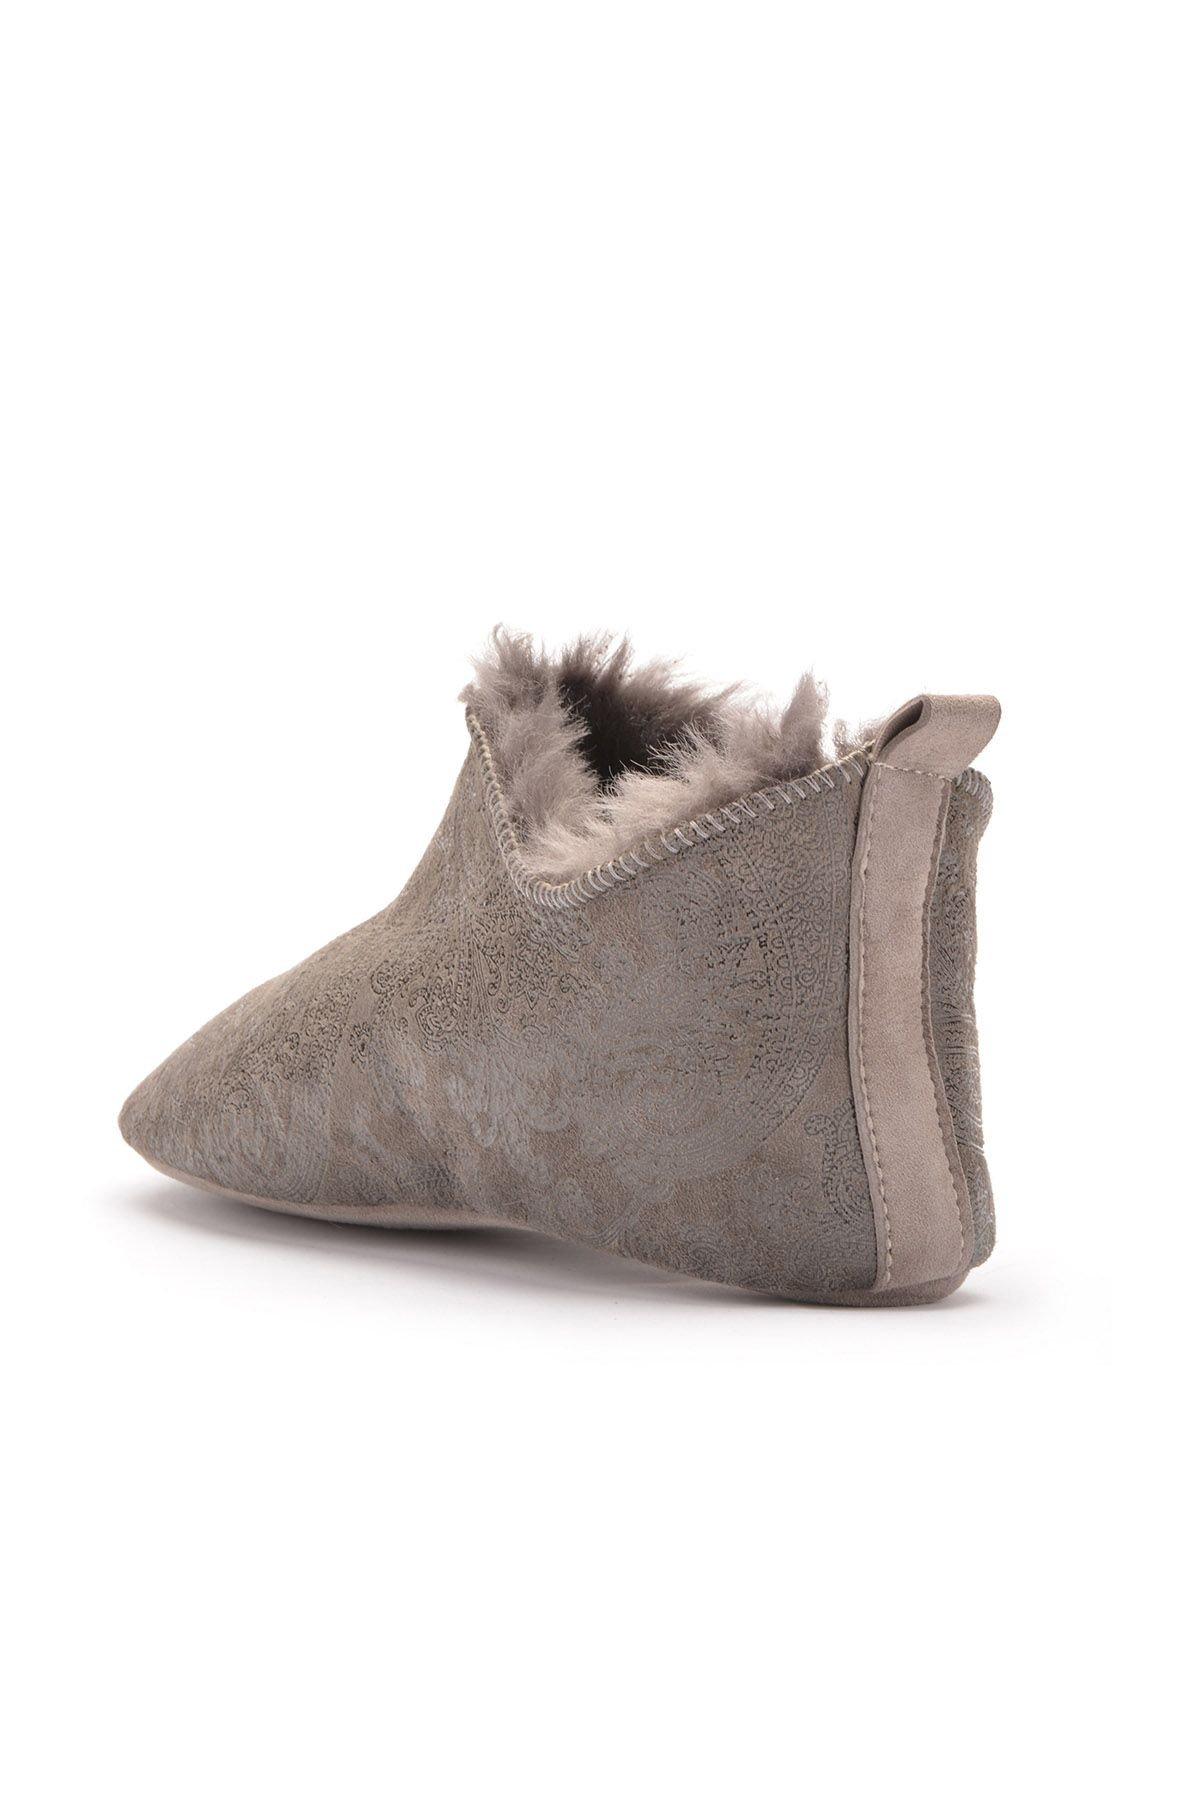 Pegia Hakiki Kürk Bayan Ev Ayakkabısı 101297 Gri